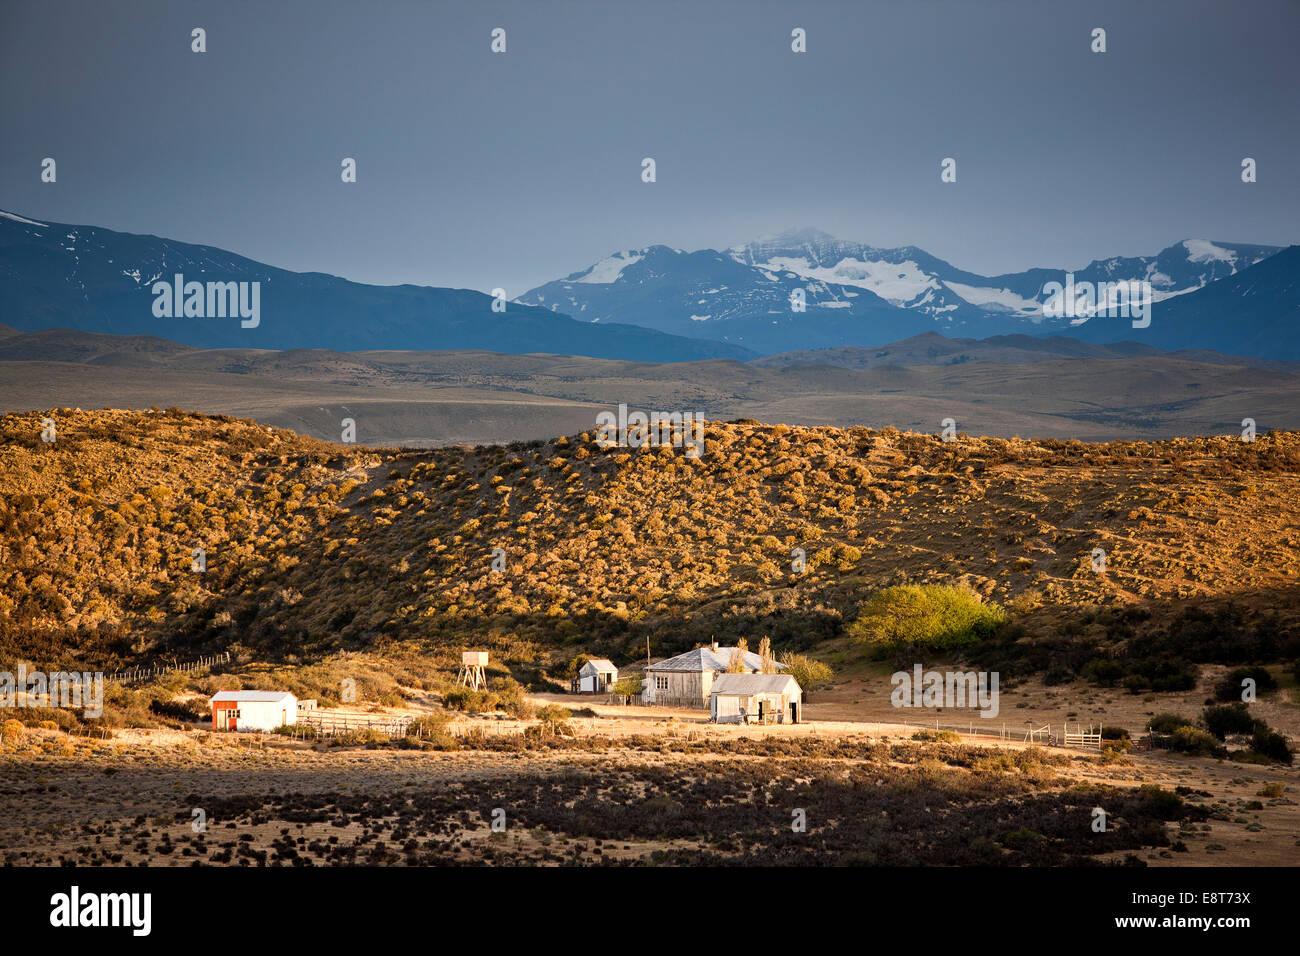 Vecchia fattoria in Patagonia, Cile, Sud America Immagini Stock